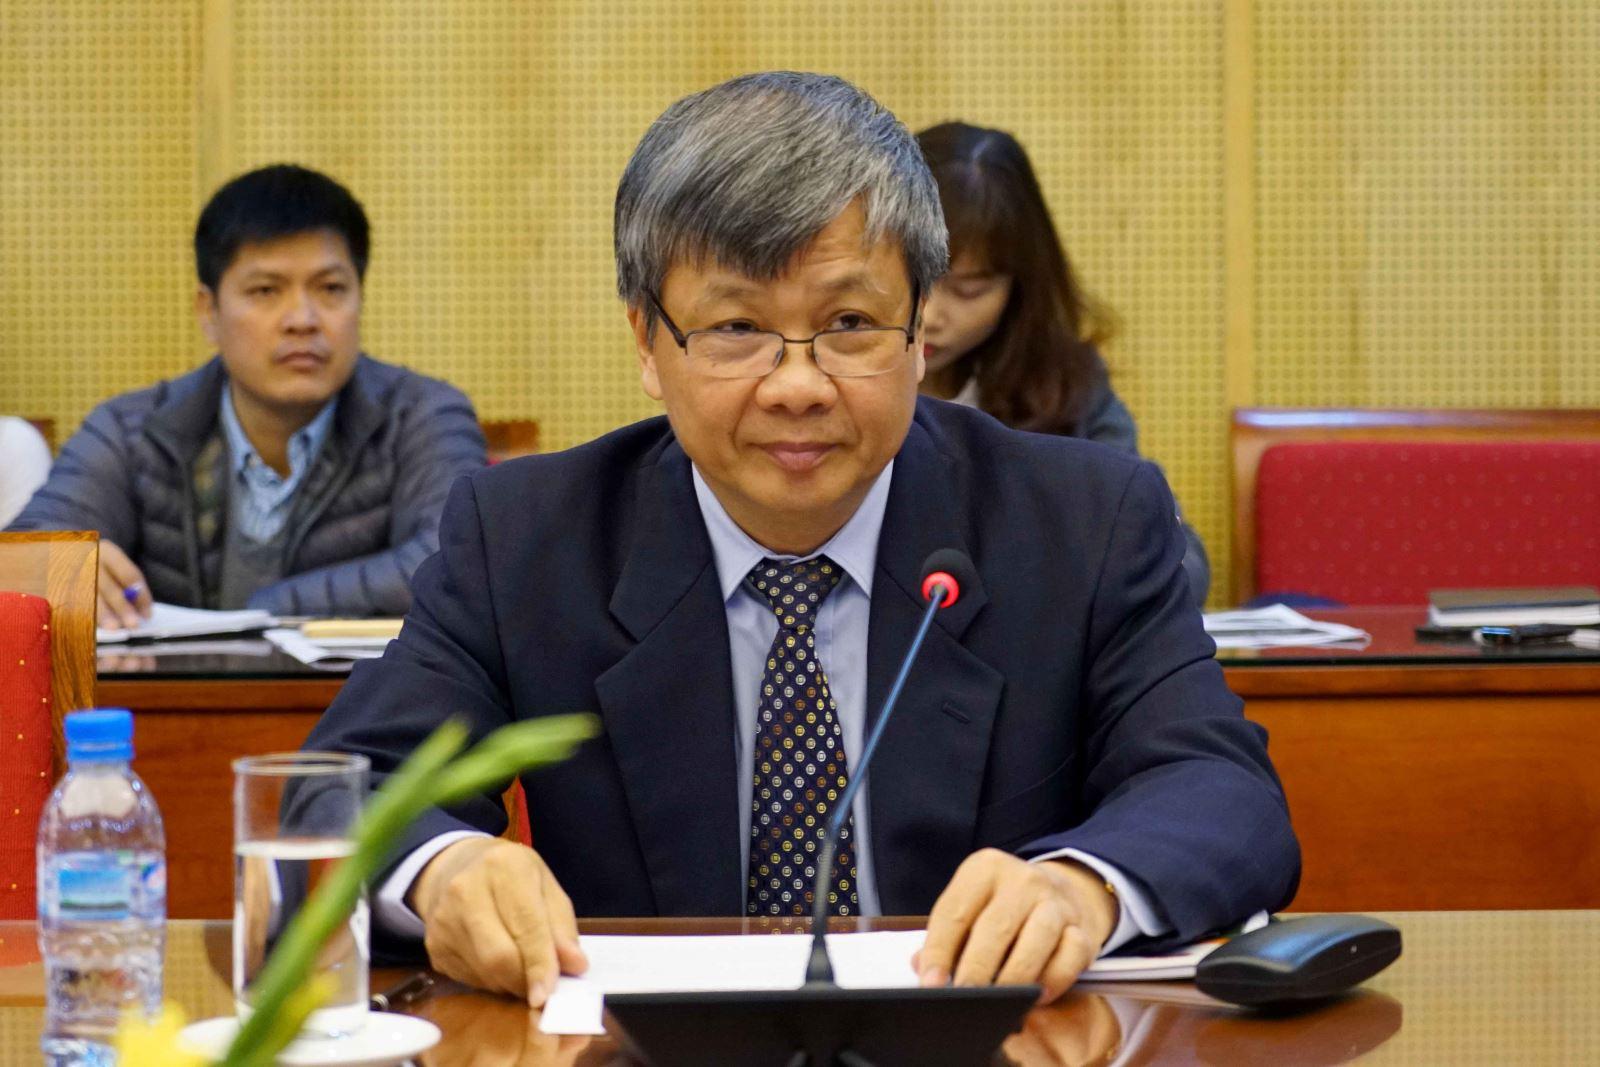 Đối thoại chính sách cấp cao trong khuôn khổ Chương trình Chia sẻ tri thức của Hàn Quốc với Việt Nam năm 2016-2017